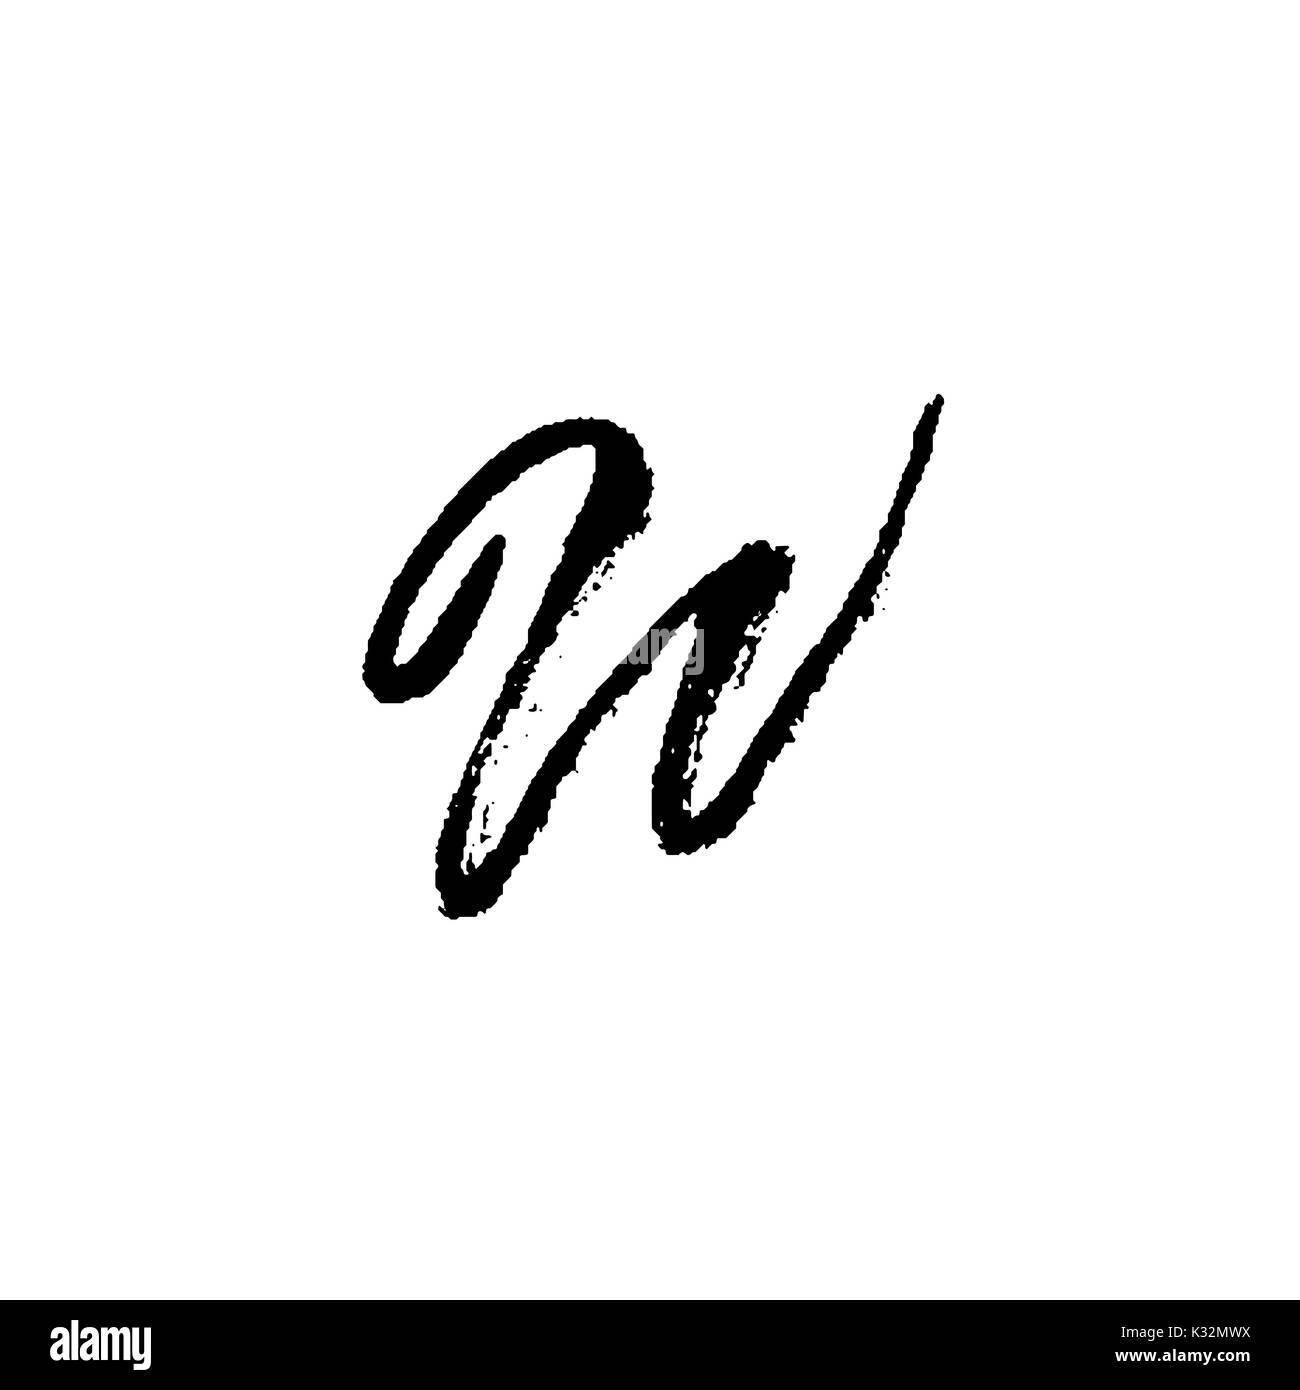 Letter W Handwritten By Dry Brush Rough Strokes Font Vector Illustration Grunge Style Elegant Alphabet